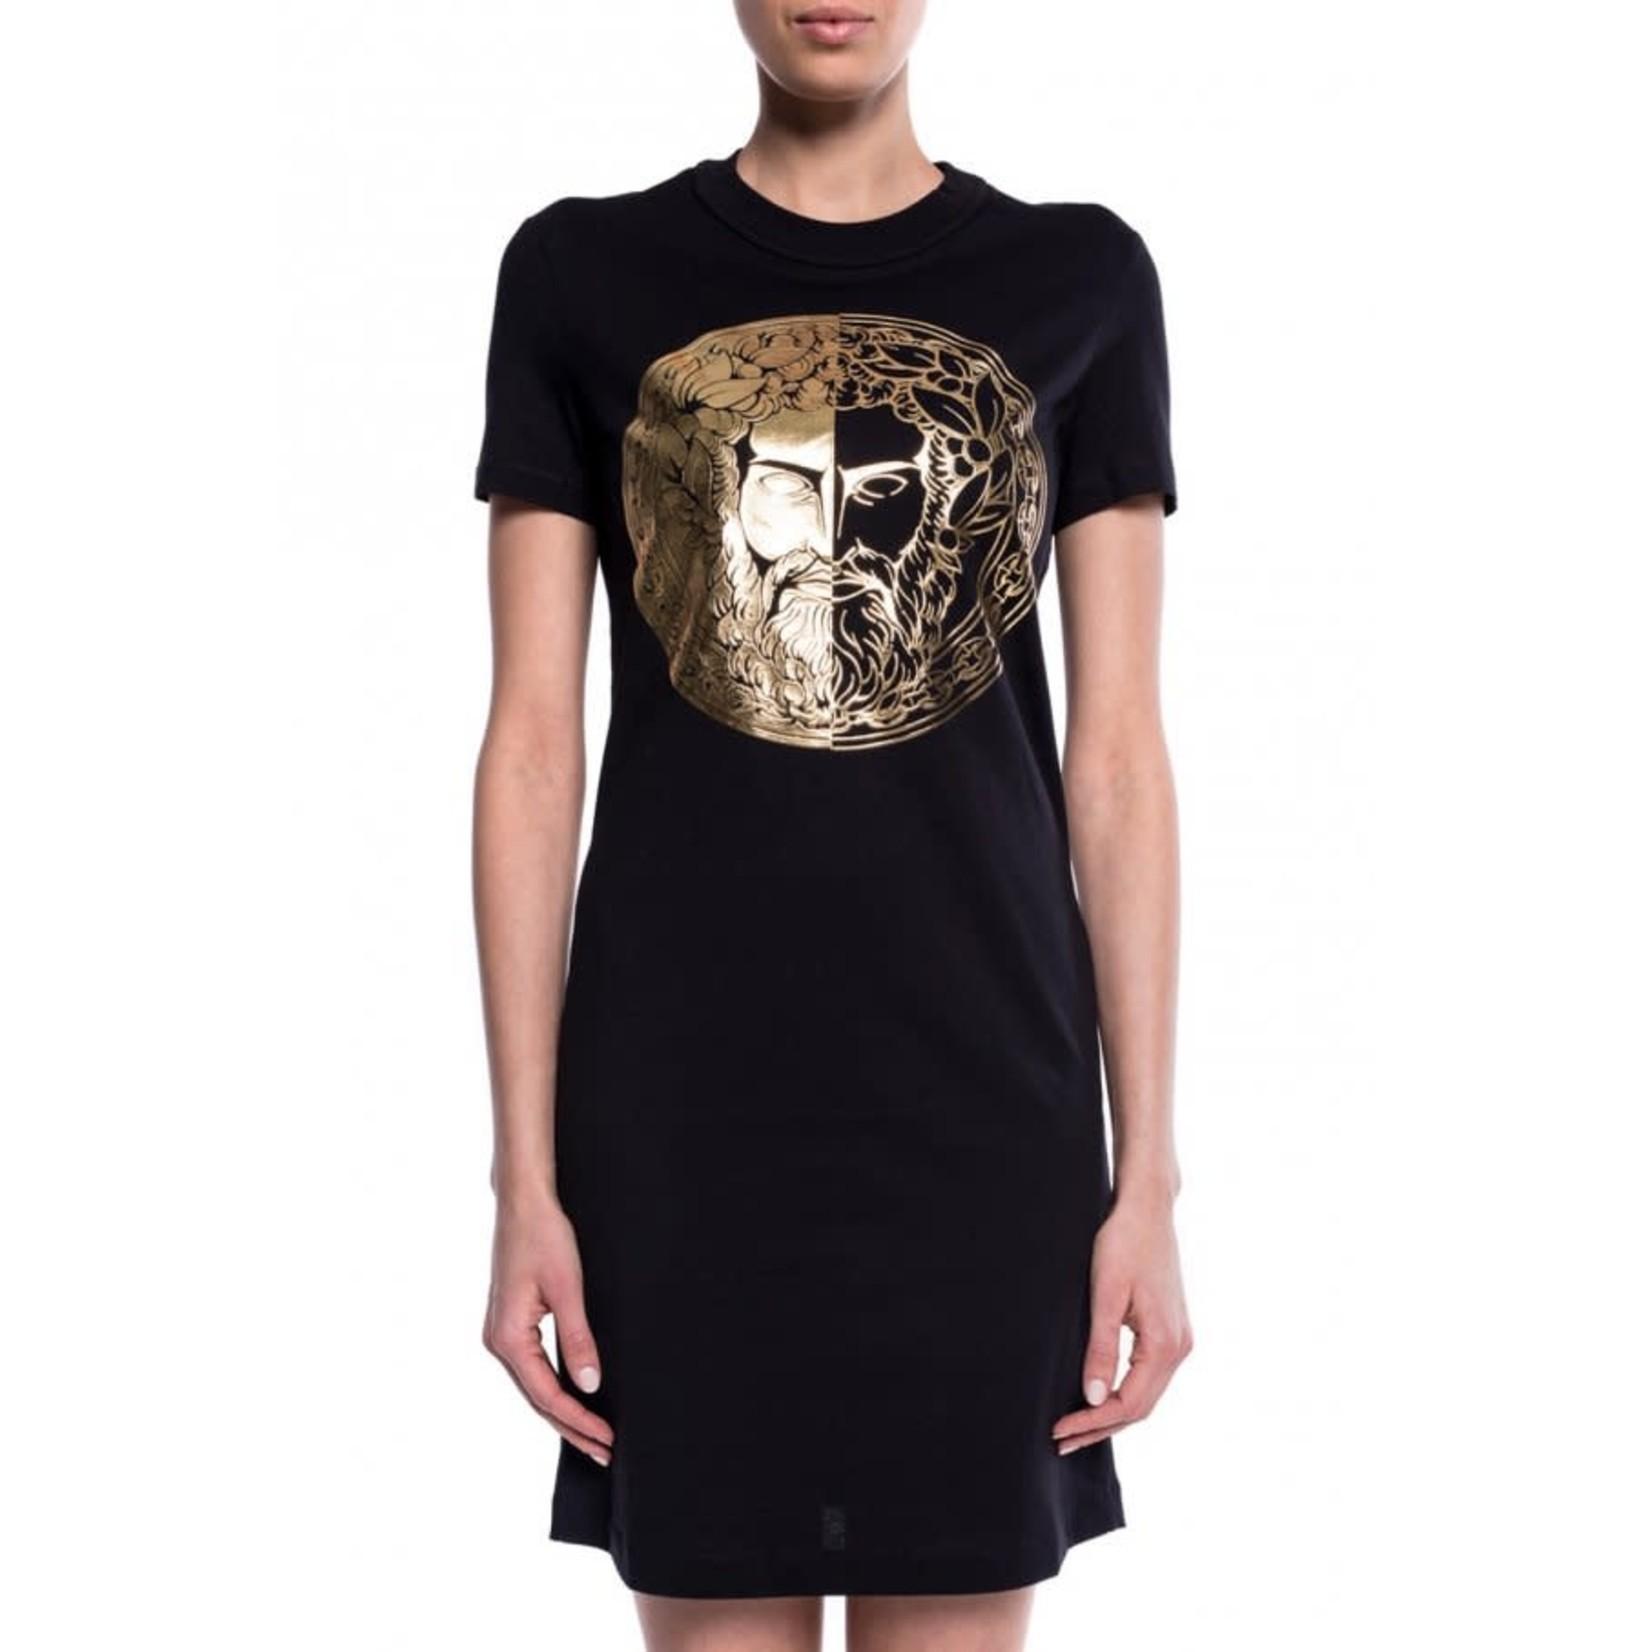 VERSACE JEANS COUTURE VERSACE JEANS COUTURE DRESS D2HVA4G0 - BLACK